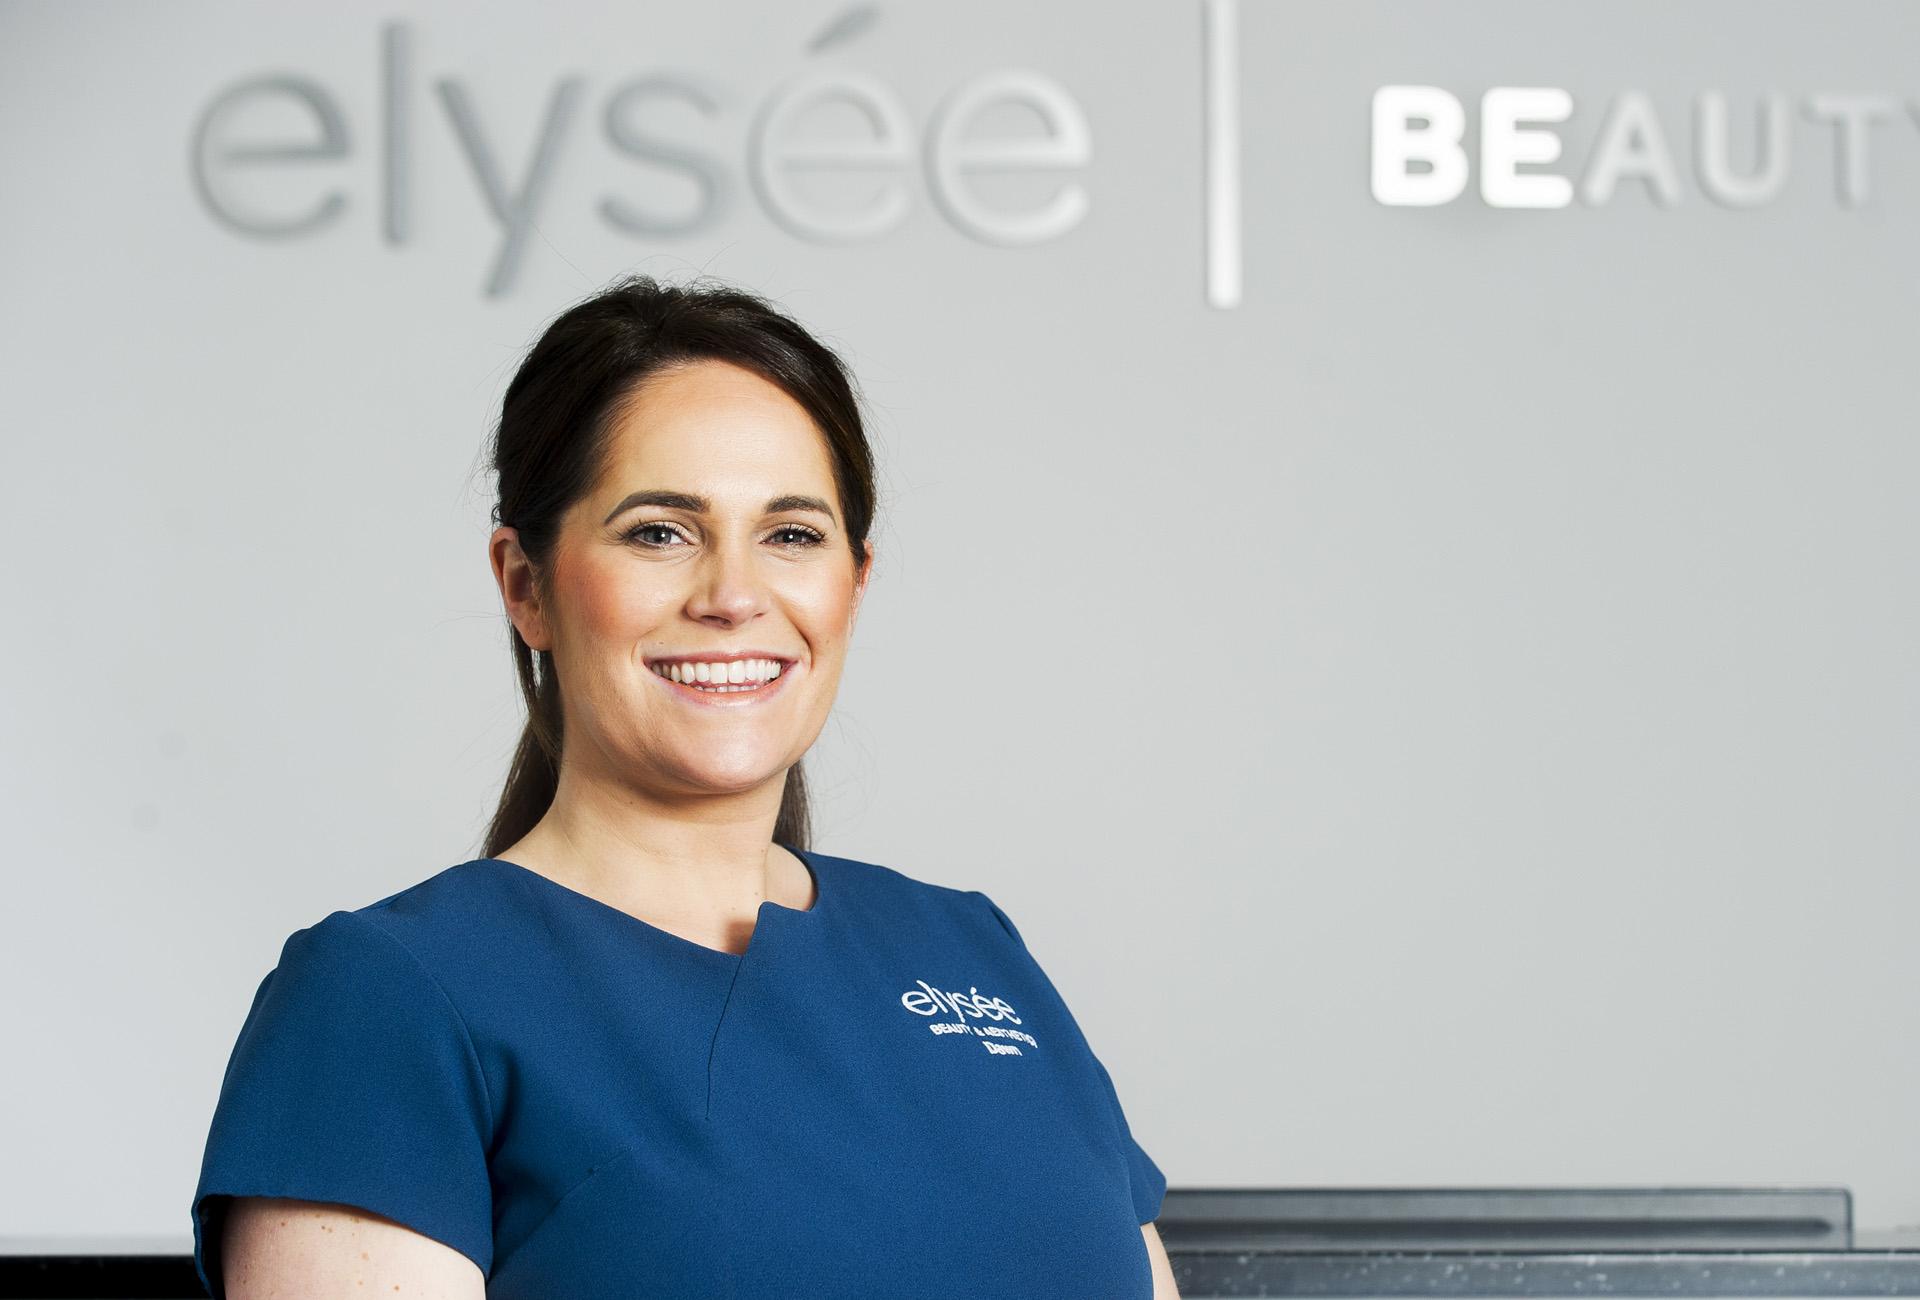 DAWN - SALON ELYSEE BEAUTY & AESTHETICS